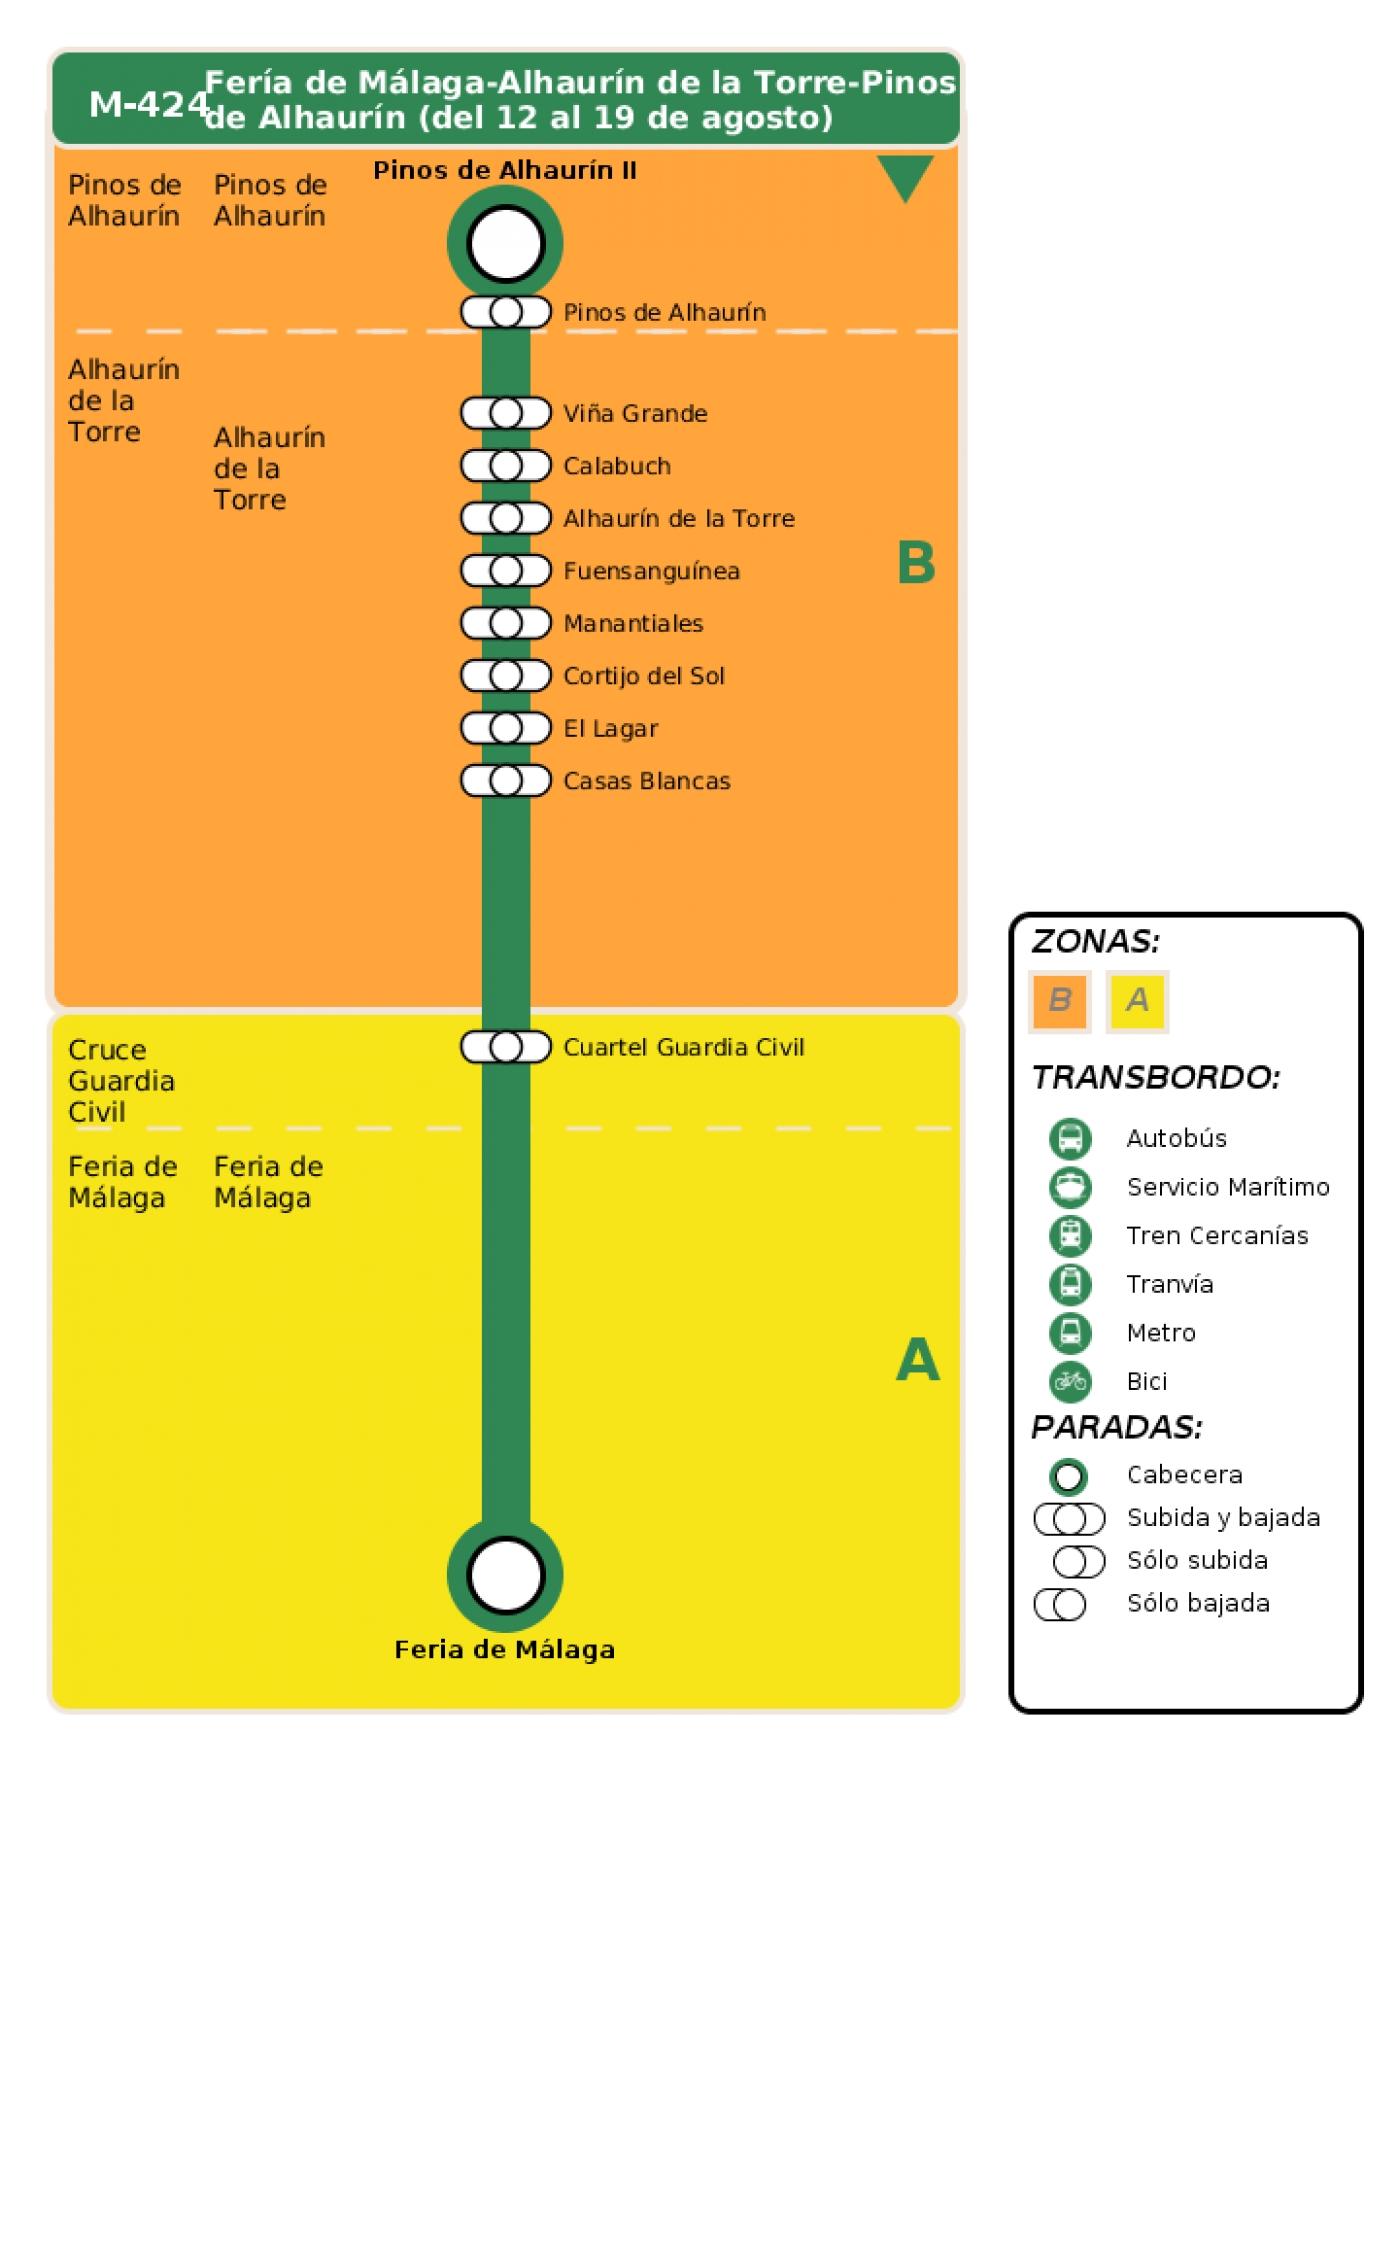 Recorrido esquemático, paradas y correspondencias en sentido vuelta Línea M-424: Fería de Málaga - Alhaurín de la Torre - Pinos de Alhaurín